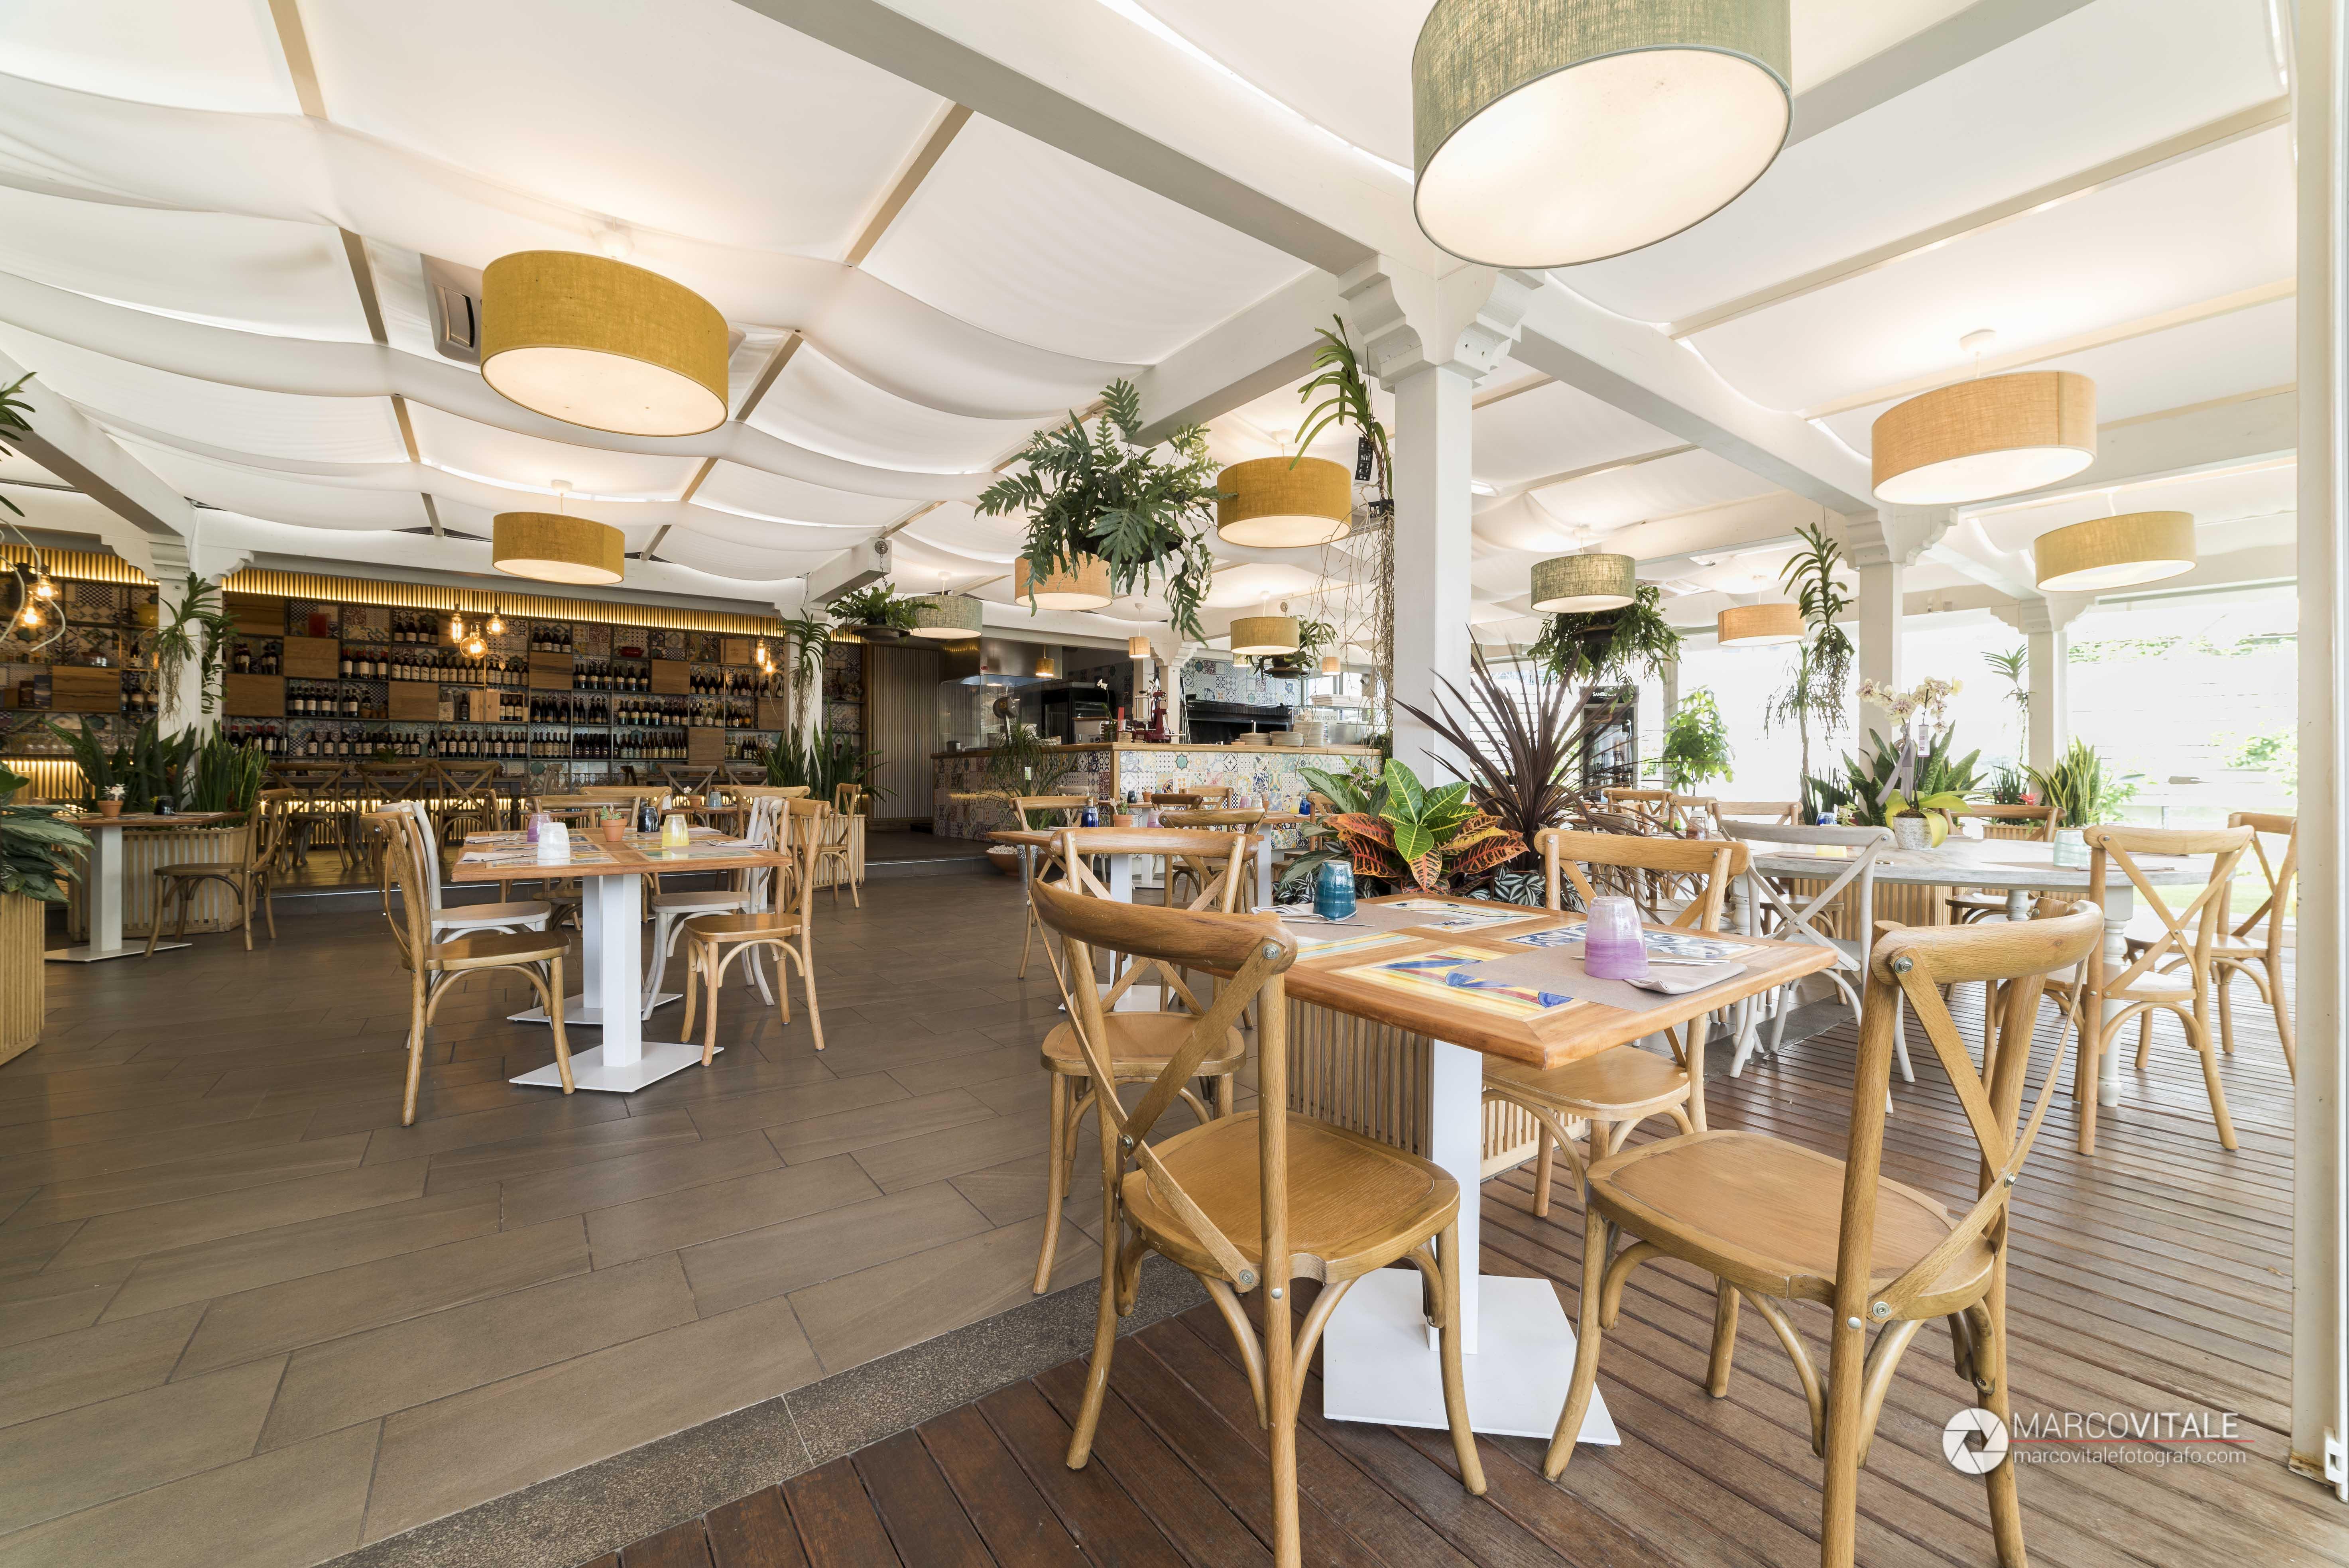 Servizio fotografico per ristorante O' Ciardino - Cava de' Tirreni